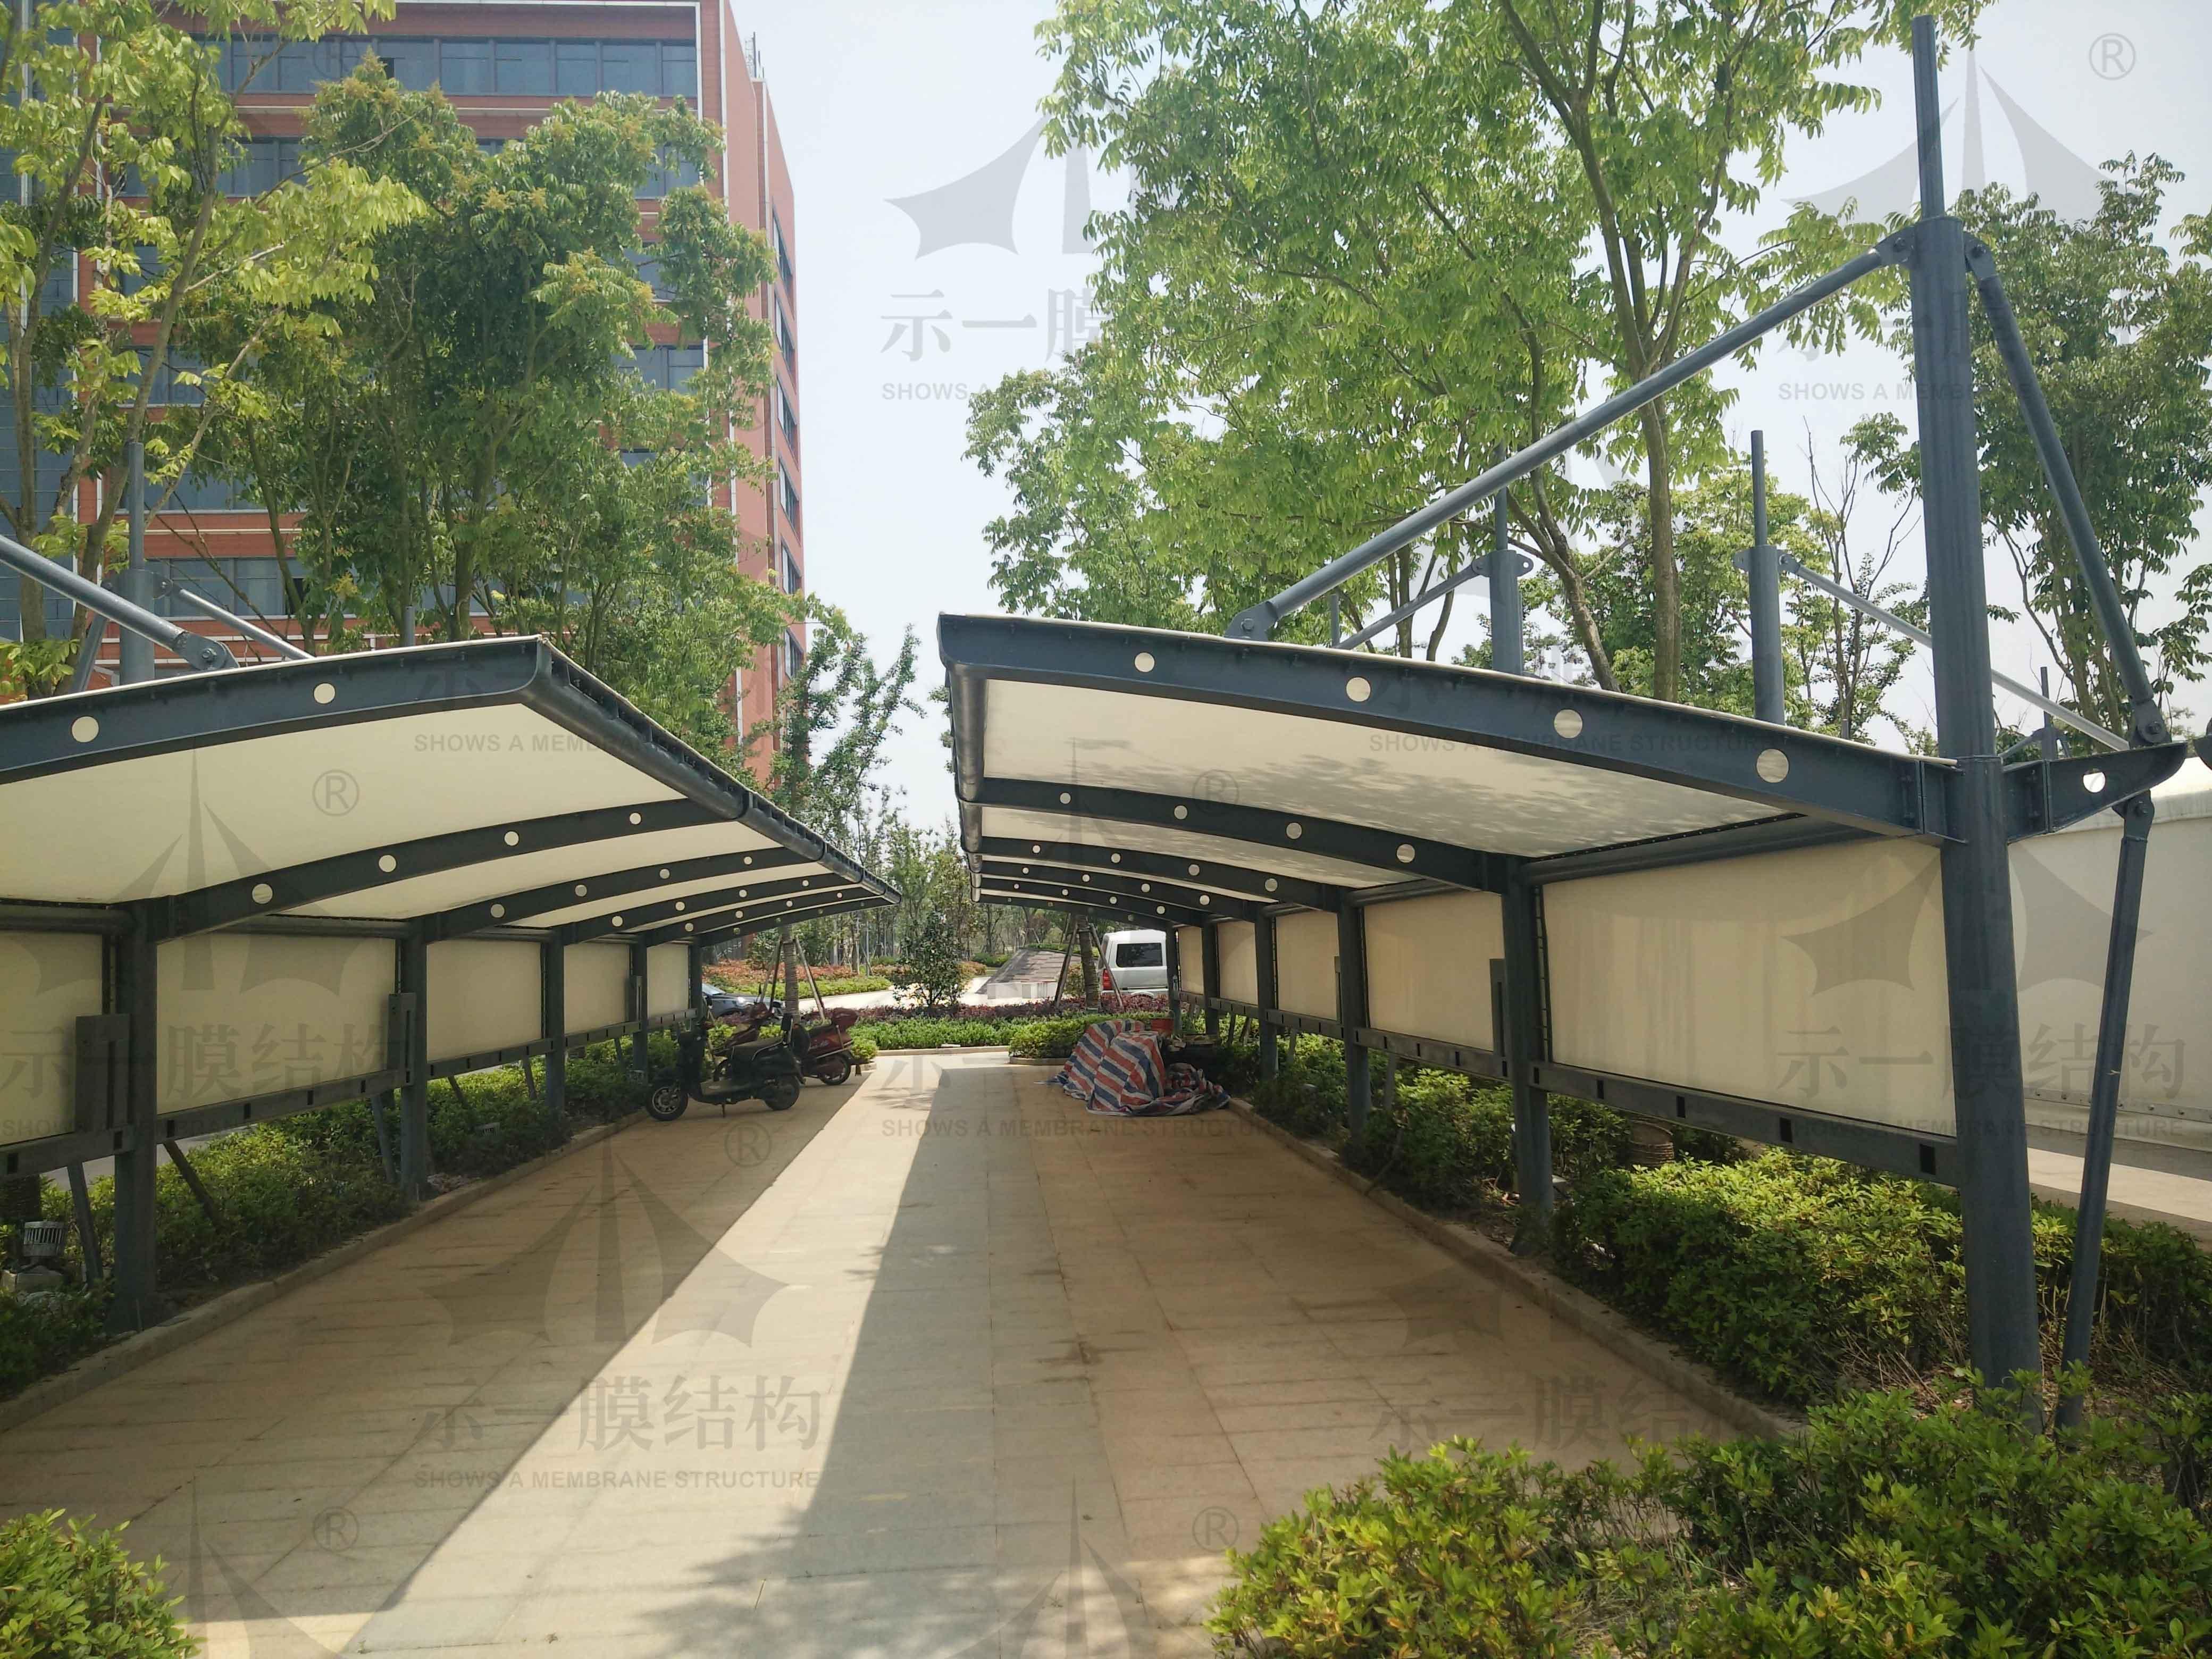 上海示一膜结构海门临江产业园 PTFE膜结构停车棚